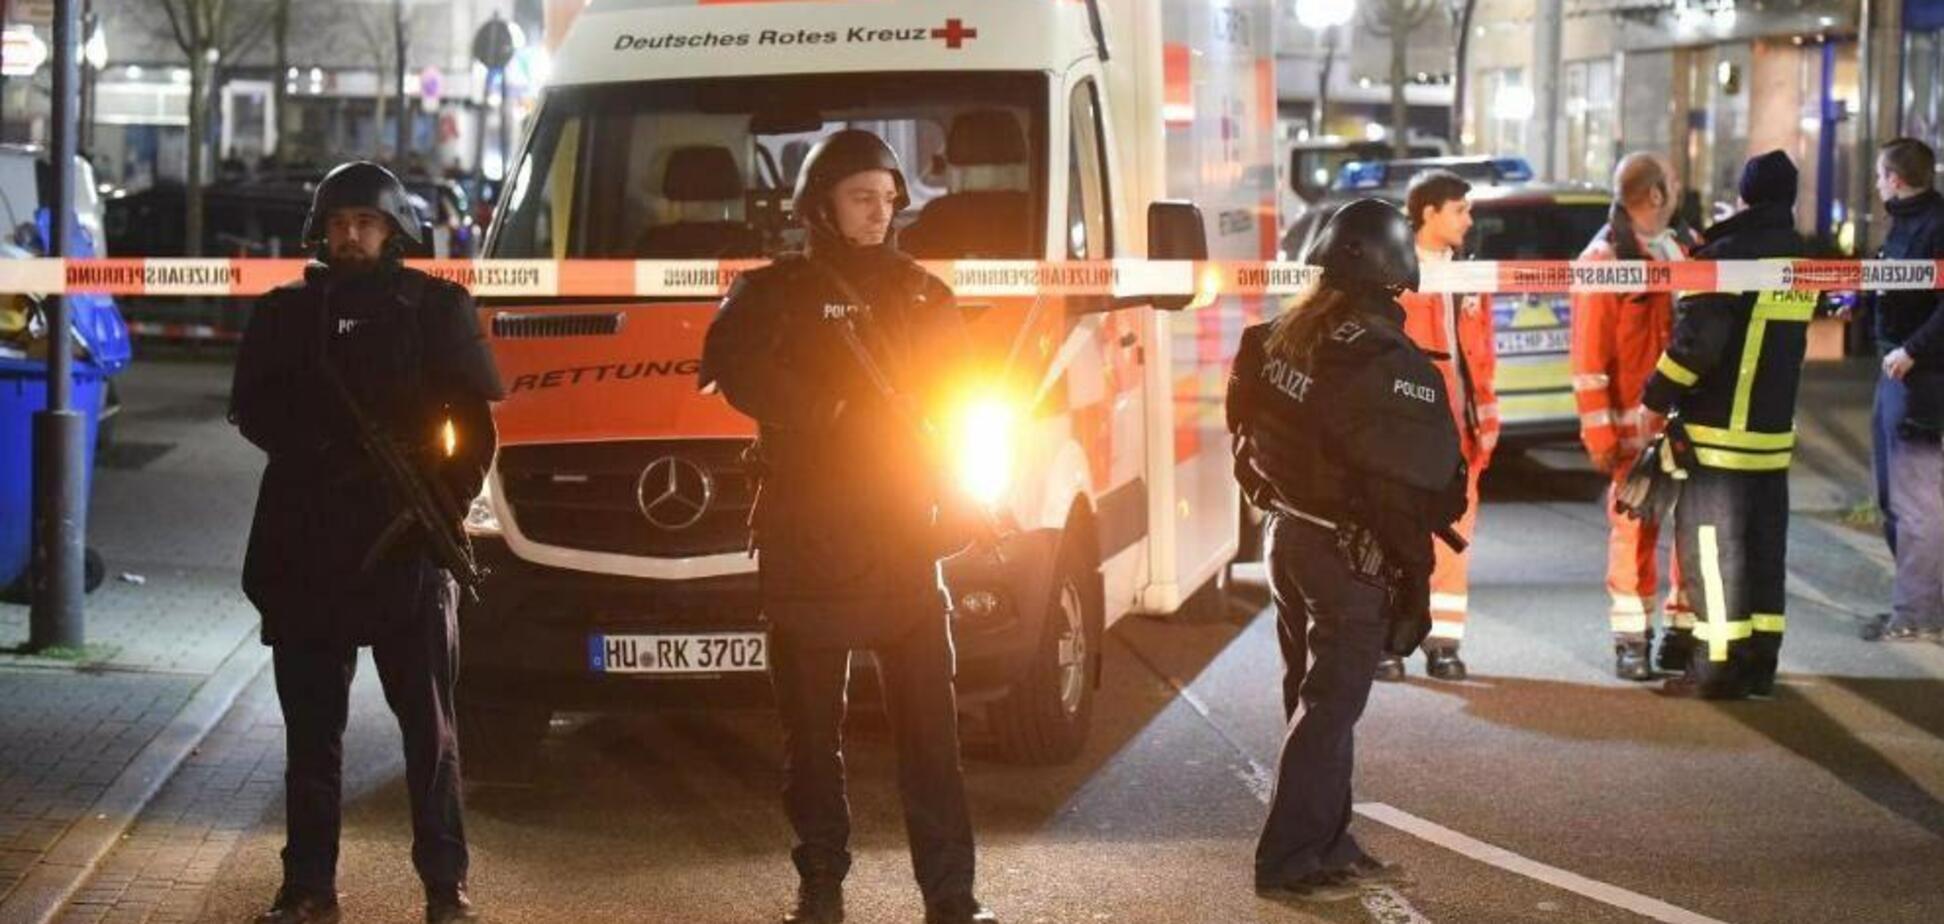 В Германии расстреляли два бара-кальянные: погибли 9 человек, 4 – ранены. Фото и видео с места ЧП